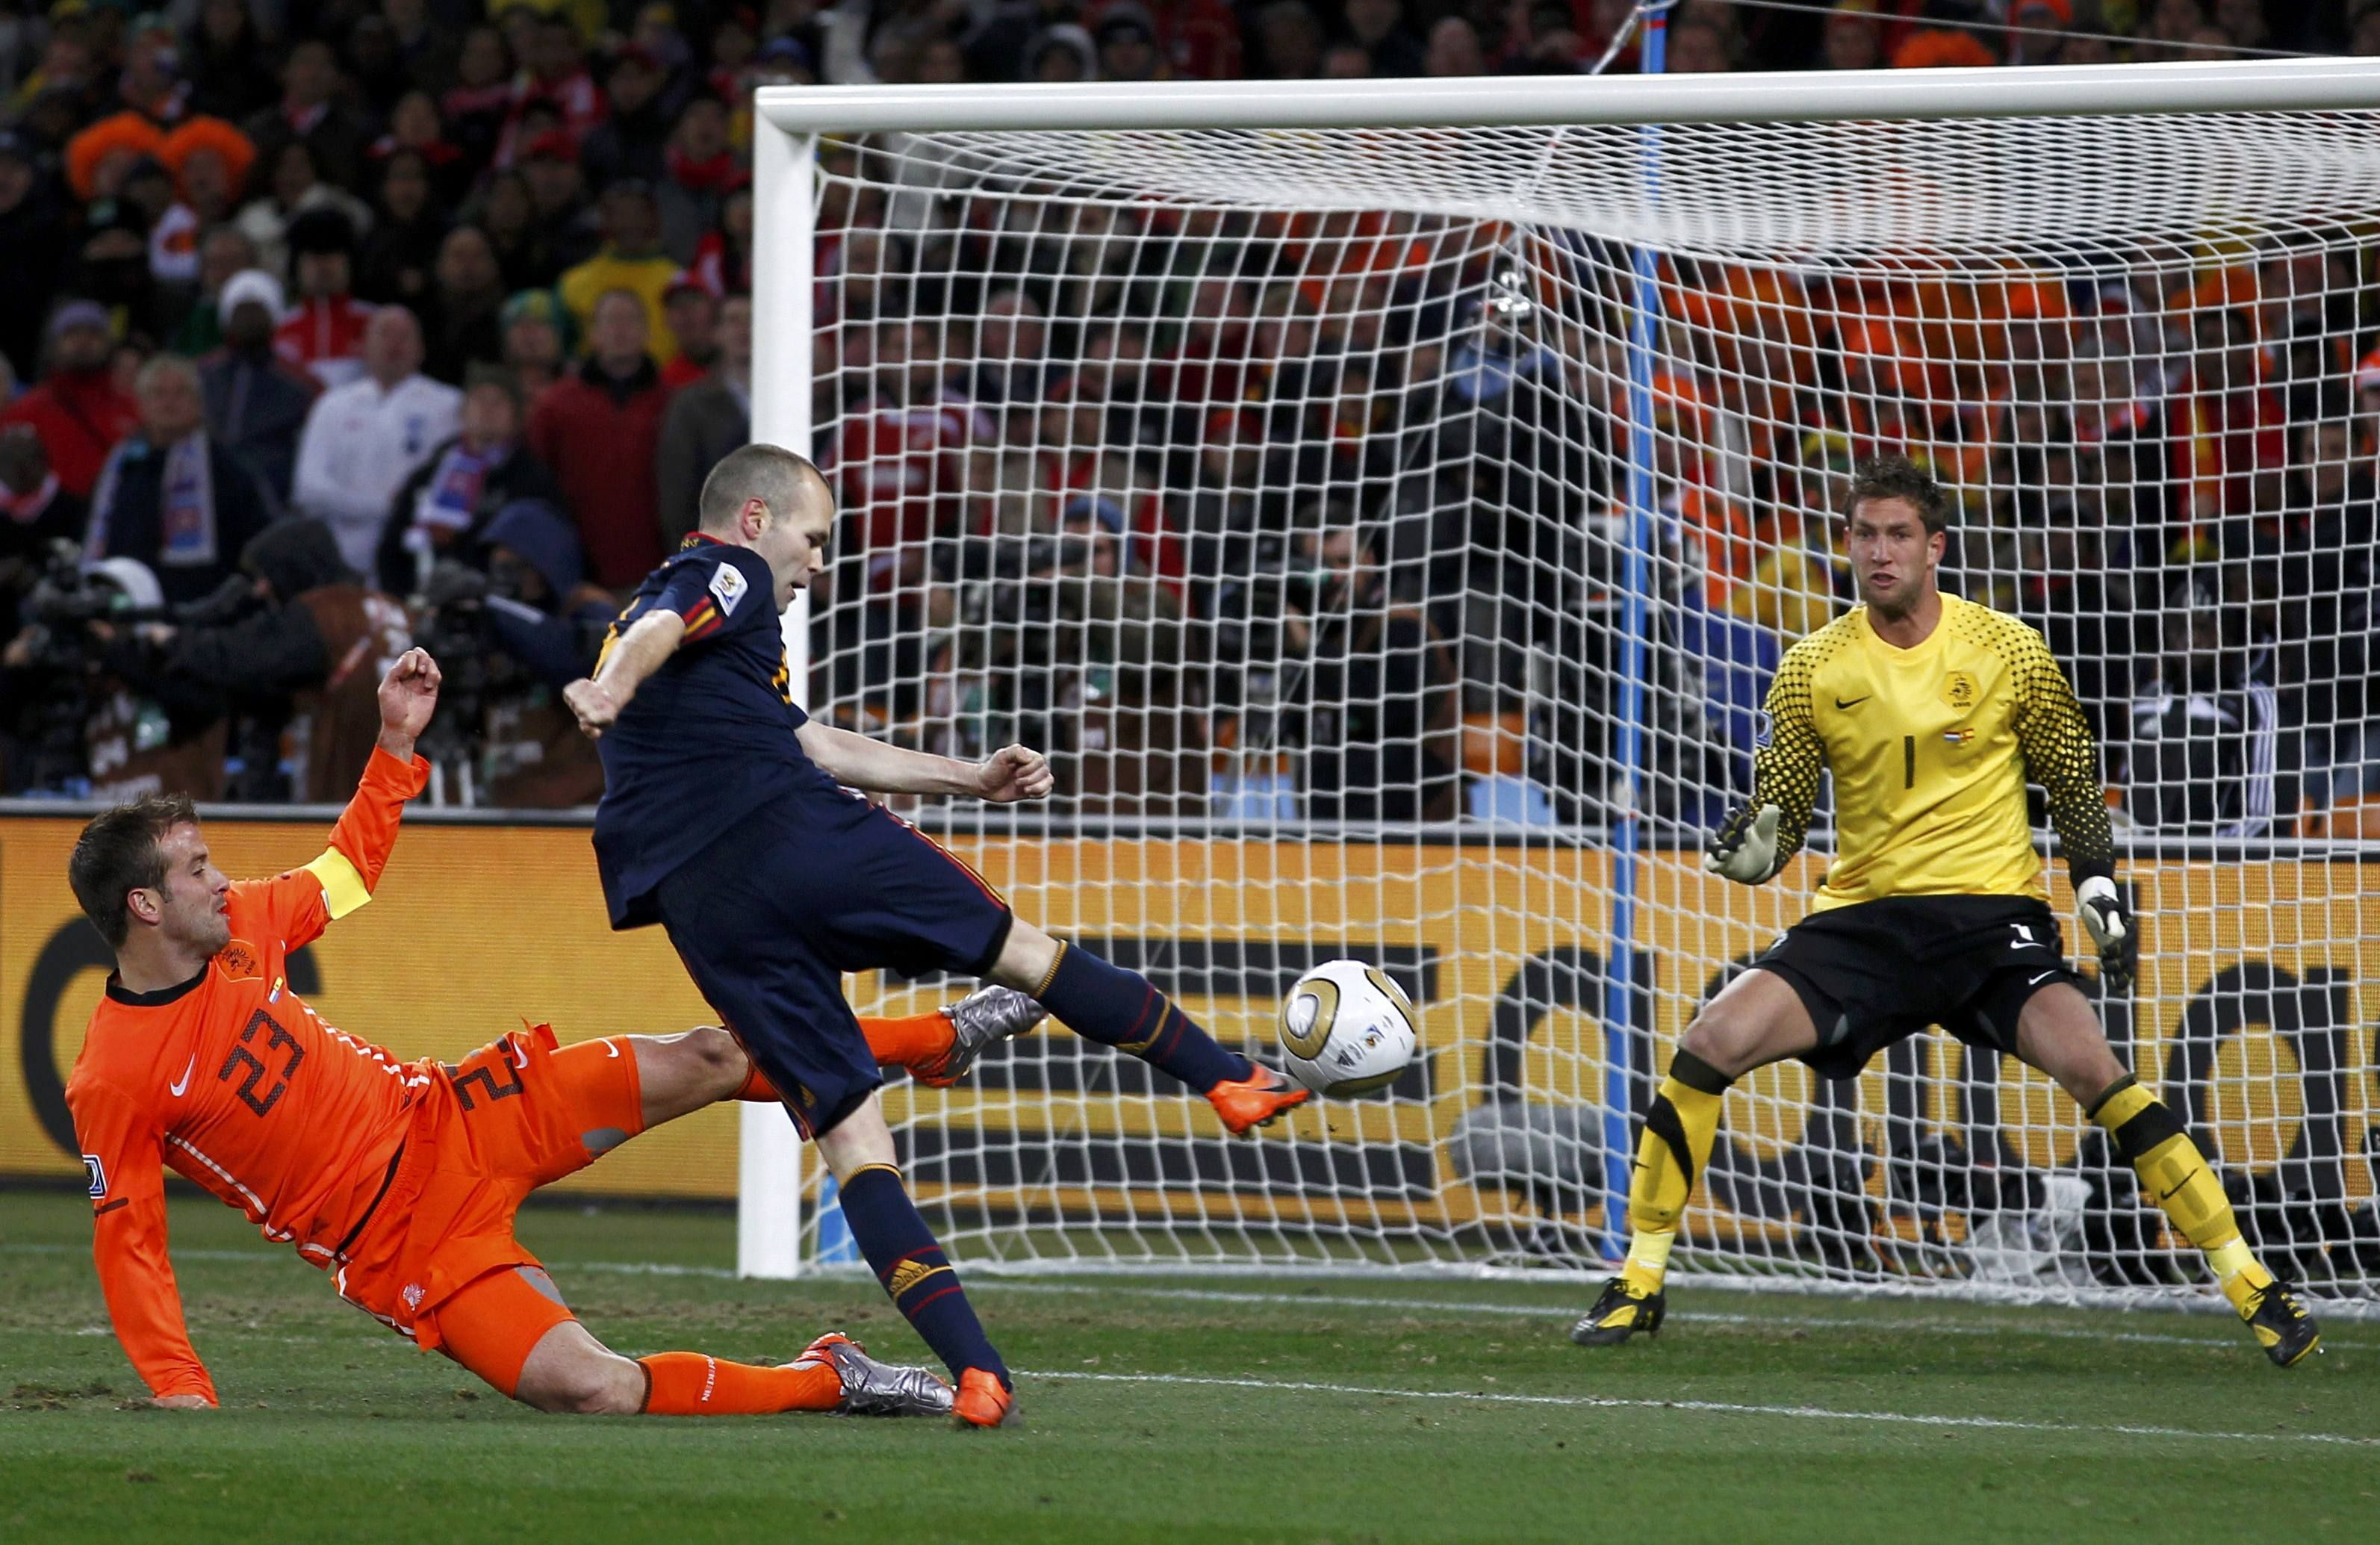 ¿Qué futbolista ganó el premio al mejor gol de este mundial?